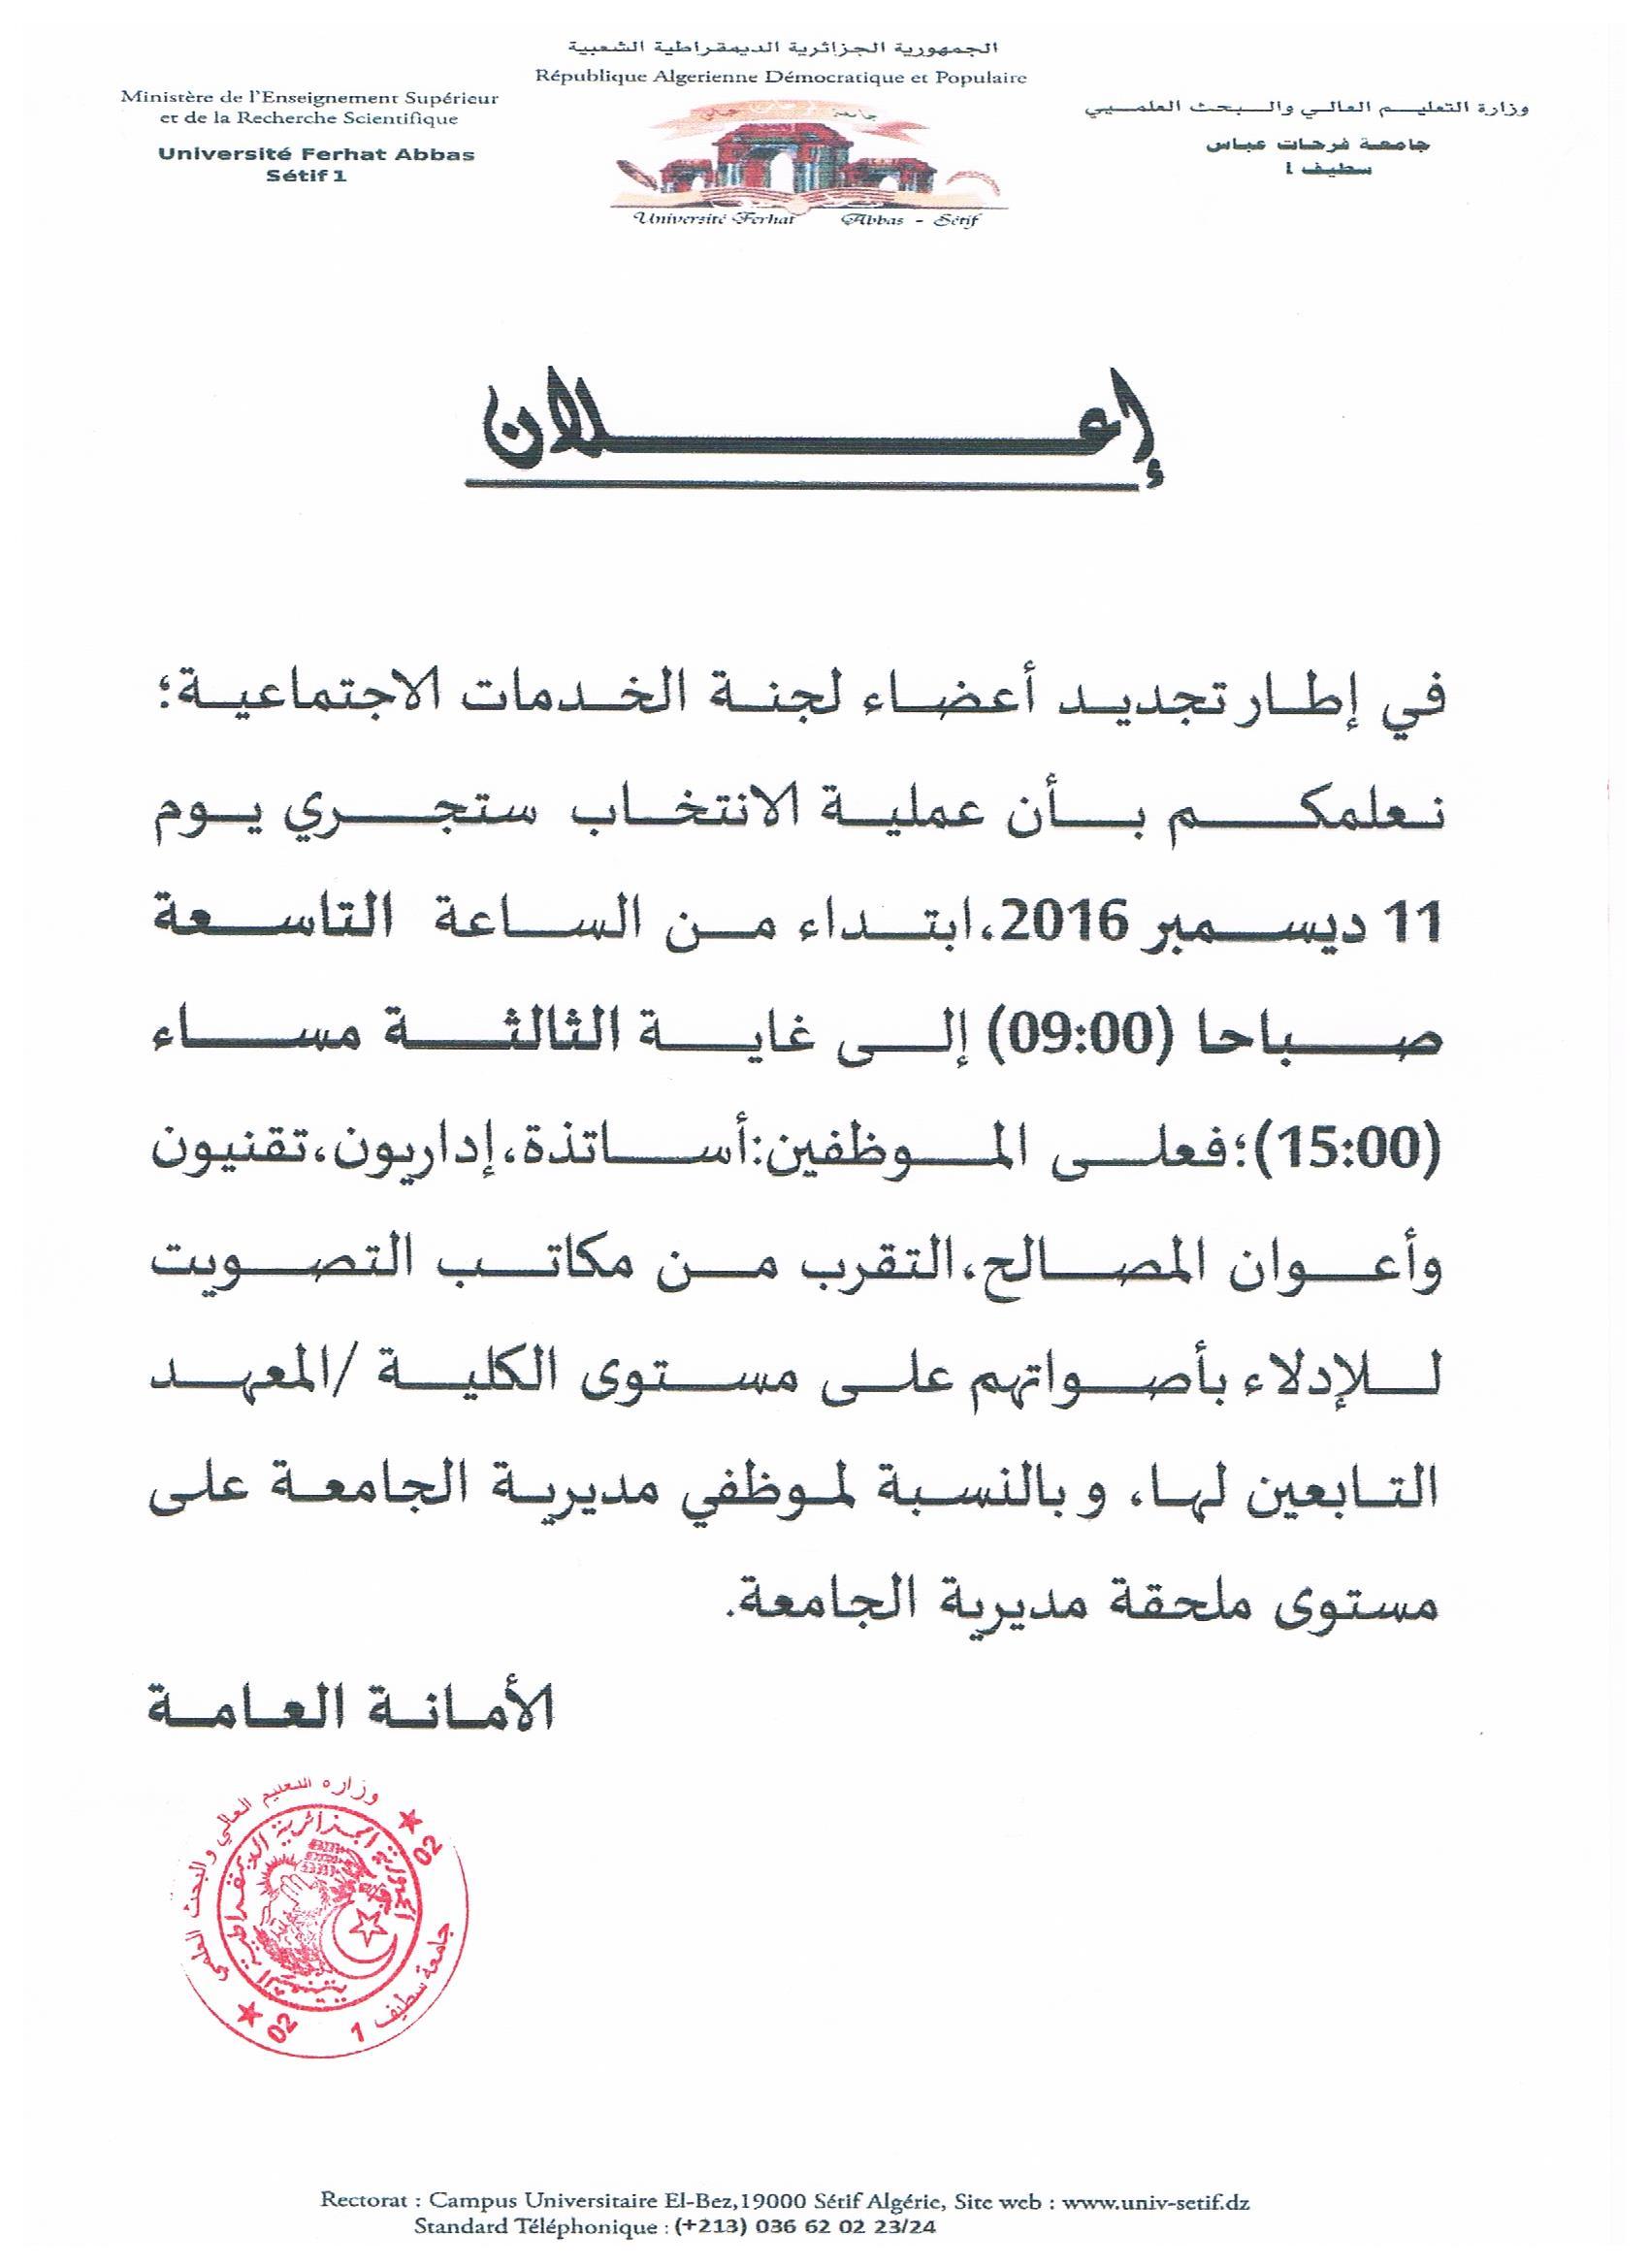 Commission des uvres sociales renouvellement du mandat for Interieur gov dz vote